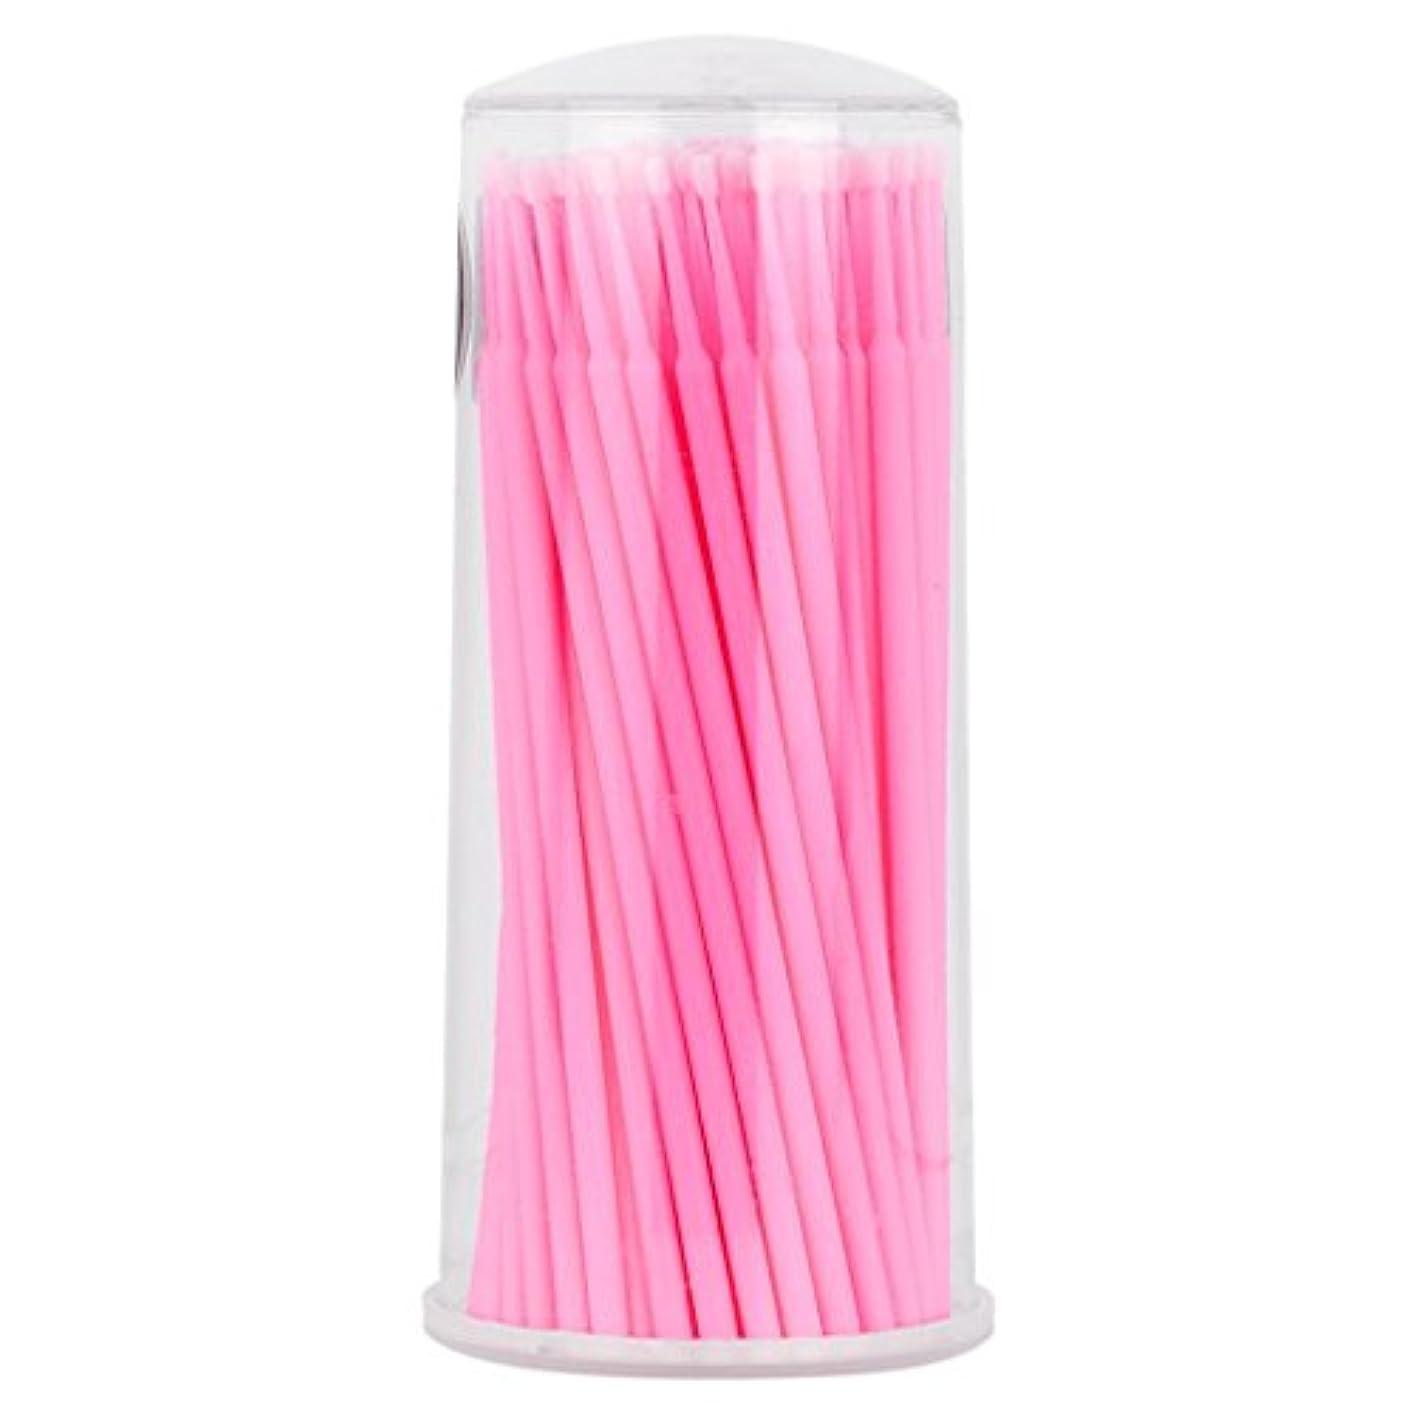 ストレンジャー慰めロデオPerfk まつげ 約100個入り マイクロブラシ ゲル/グルー/クリームー 使い捨て アプリケータ - ピンク